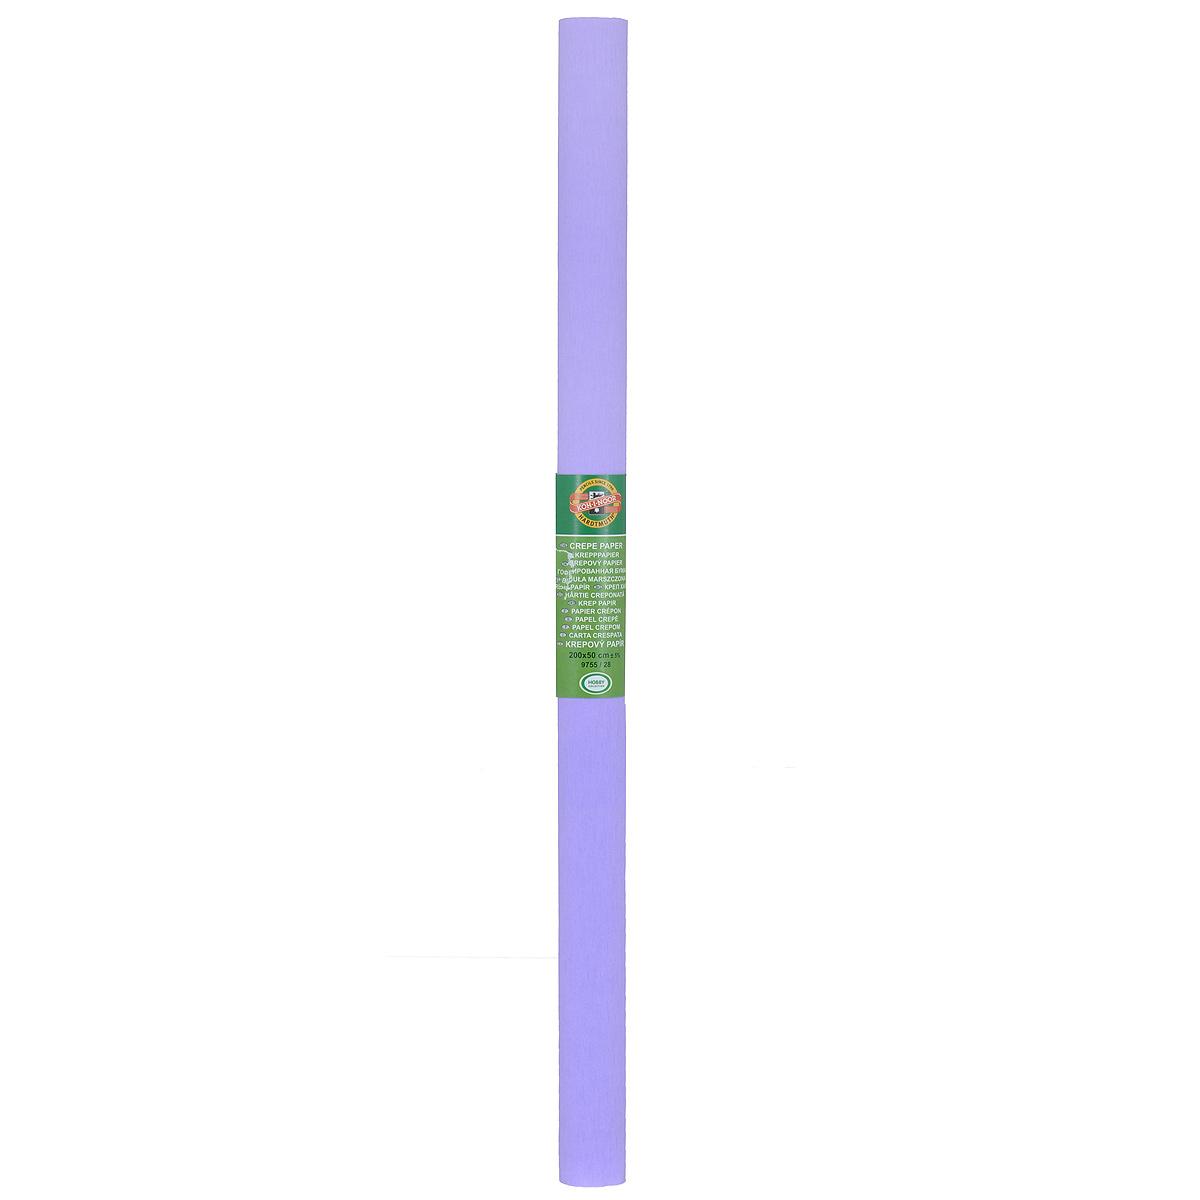 Бумага гофрированная Koh-I-Noor, цвет: сиреневый, 50 см x 2 м9755/28Крепированная бумага Koh-I-Noor - прекрасный материал для декорирования, изготовления эффектной упаковки и различных поделок. Бумага прекрасно держит форму, не пачкает руки, отлично крепится и замечательно подходит для изготовления праздничной упаковки для цветов.